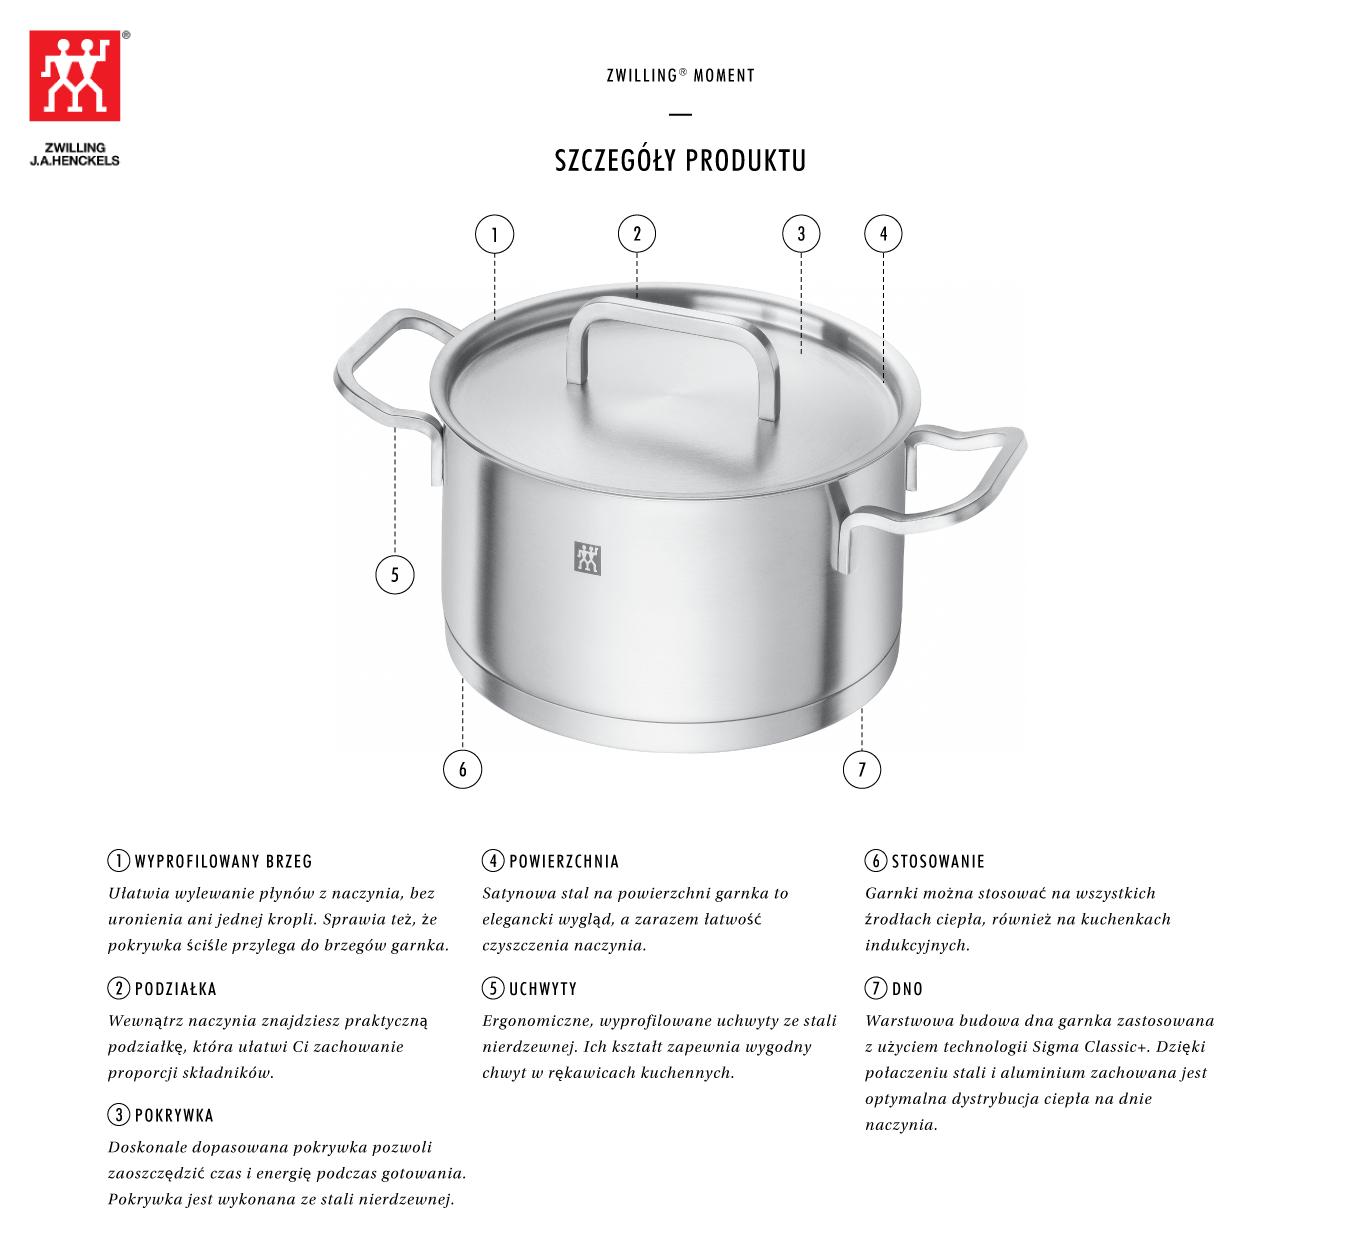 Dlaczego warto kupić wysoki garnek do zupy z pokrywką Zwilling® Moment?